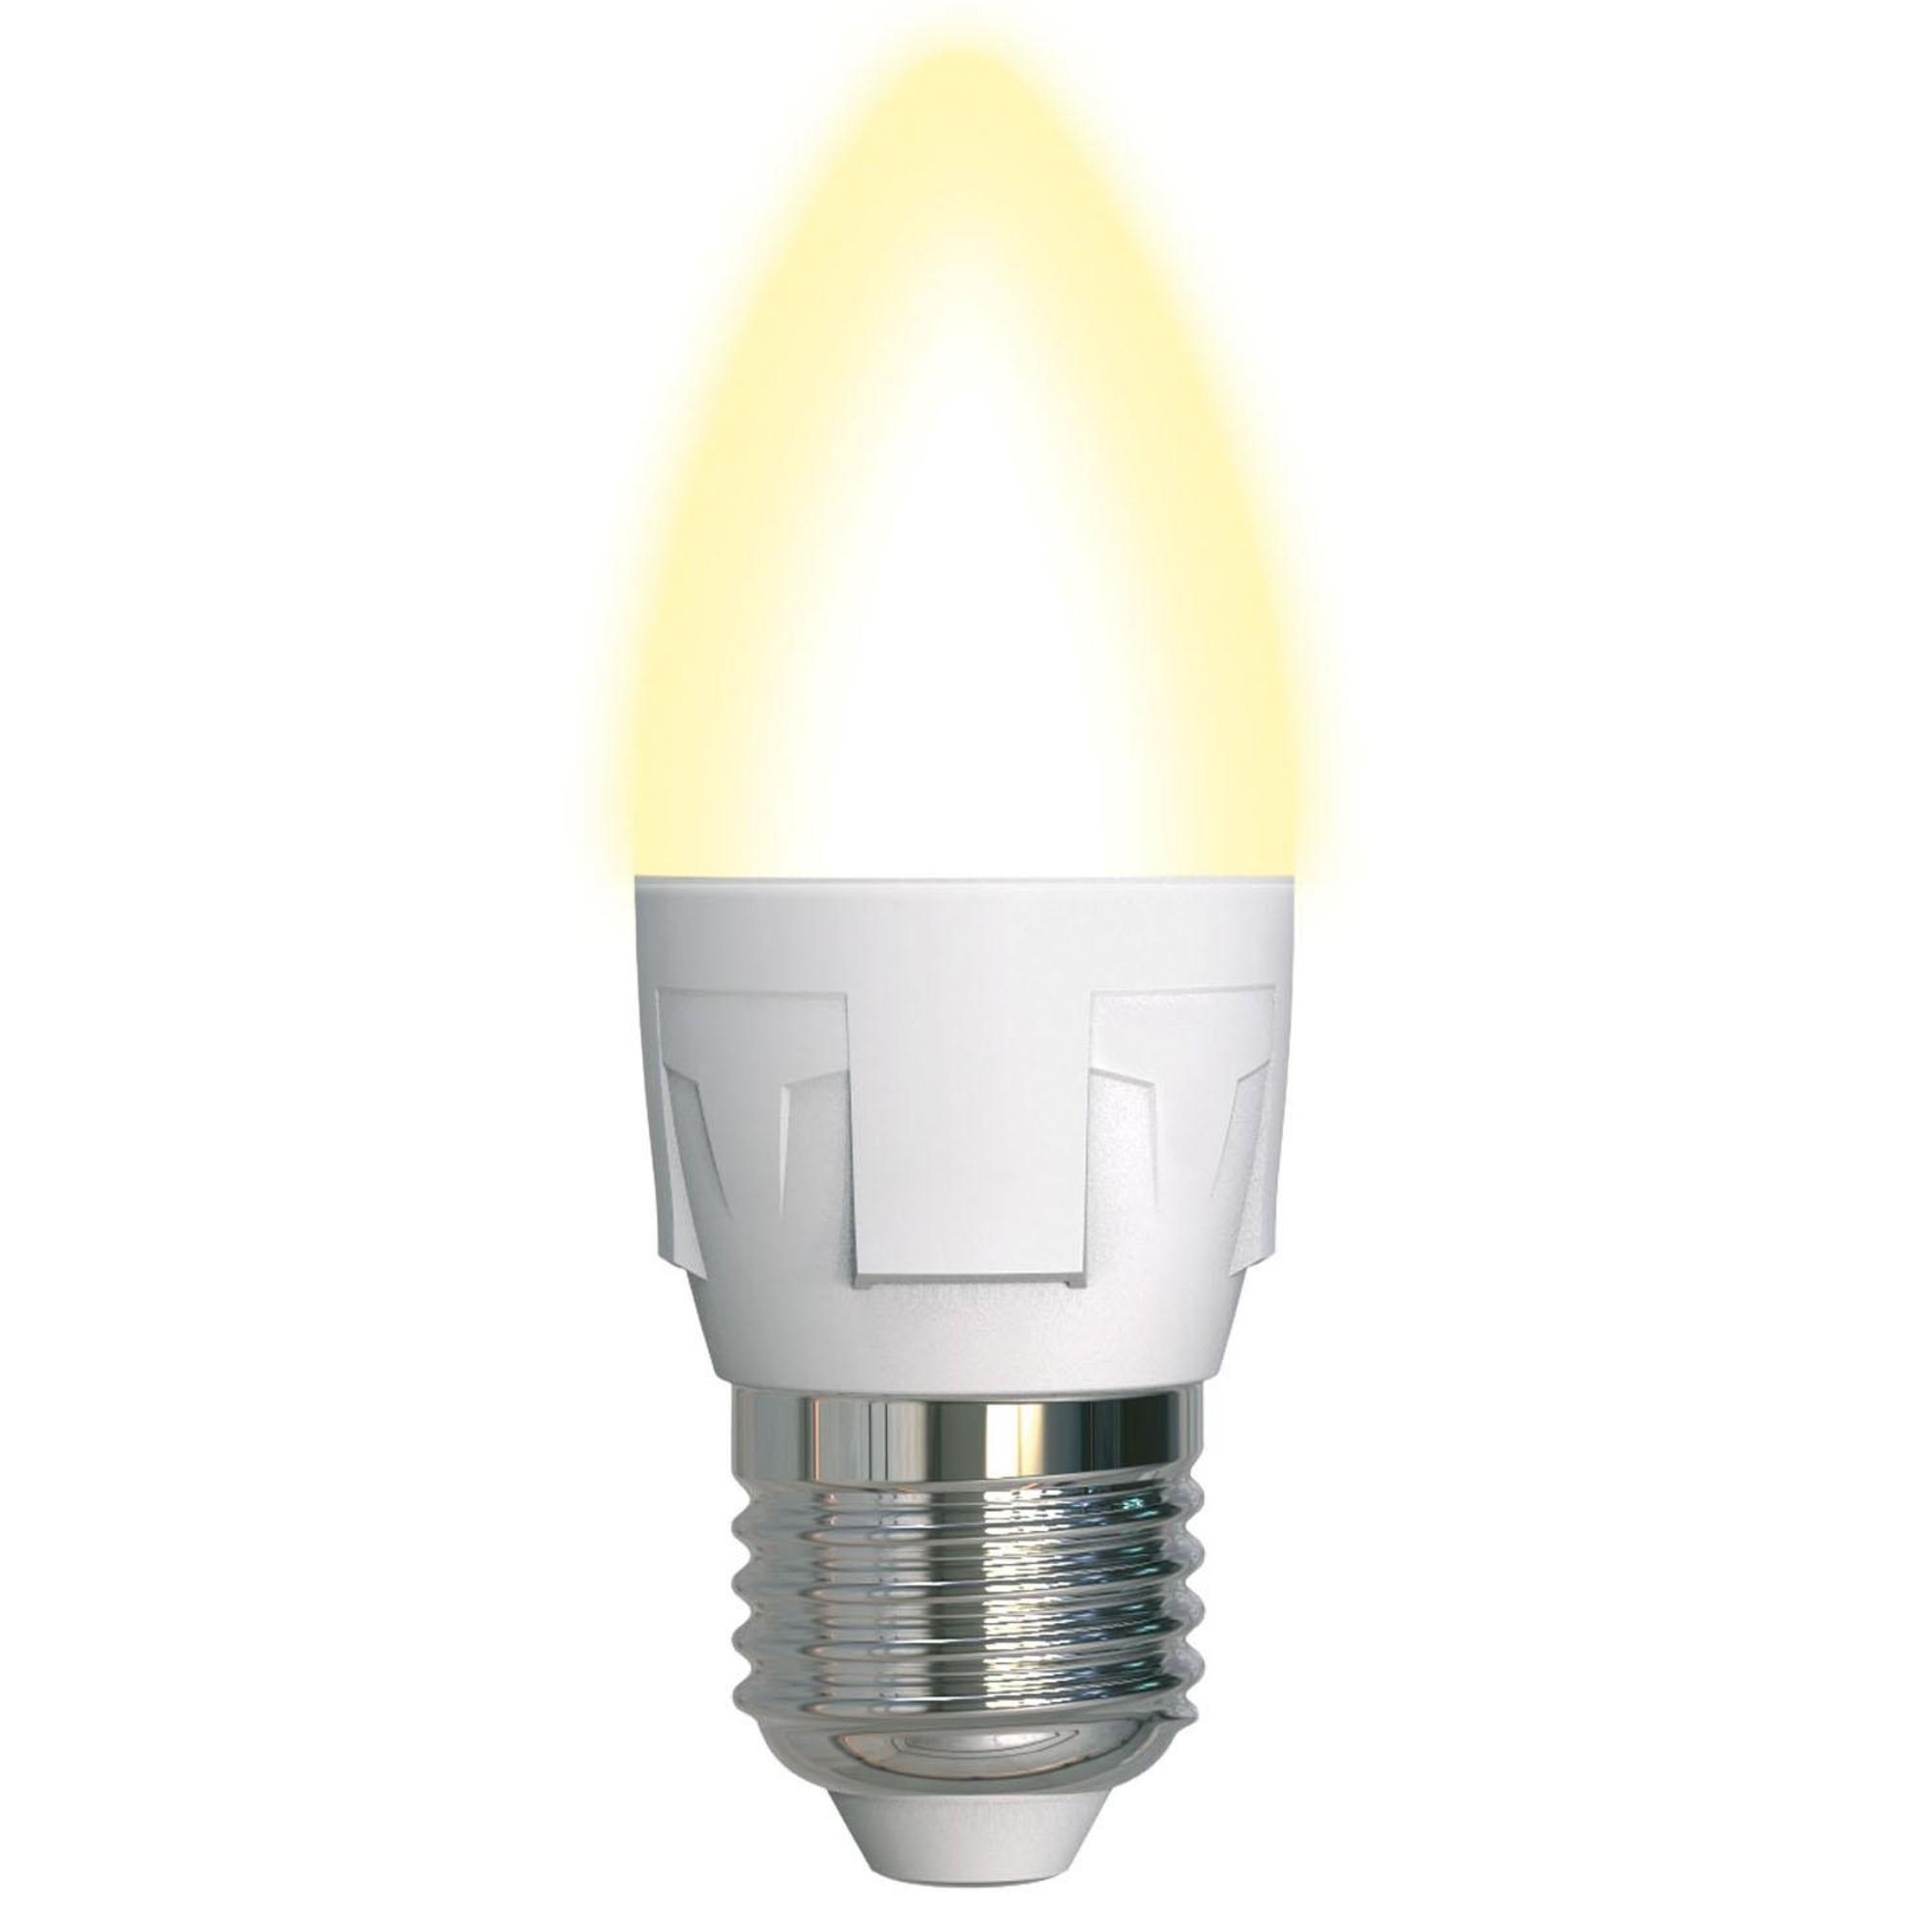 Лампа светодиодная Uniel Яркая E27 свеча 600 Лм 7 Вт теплый белый (желтый)